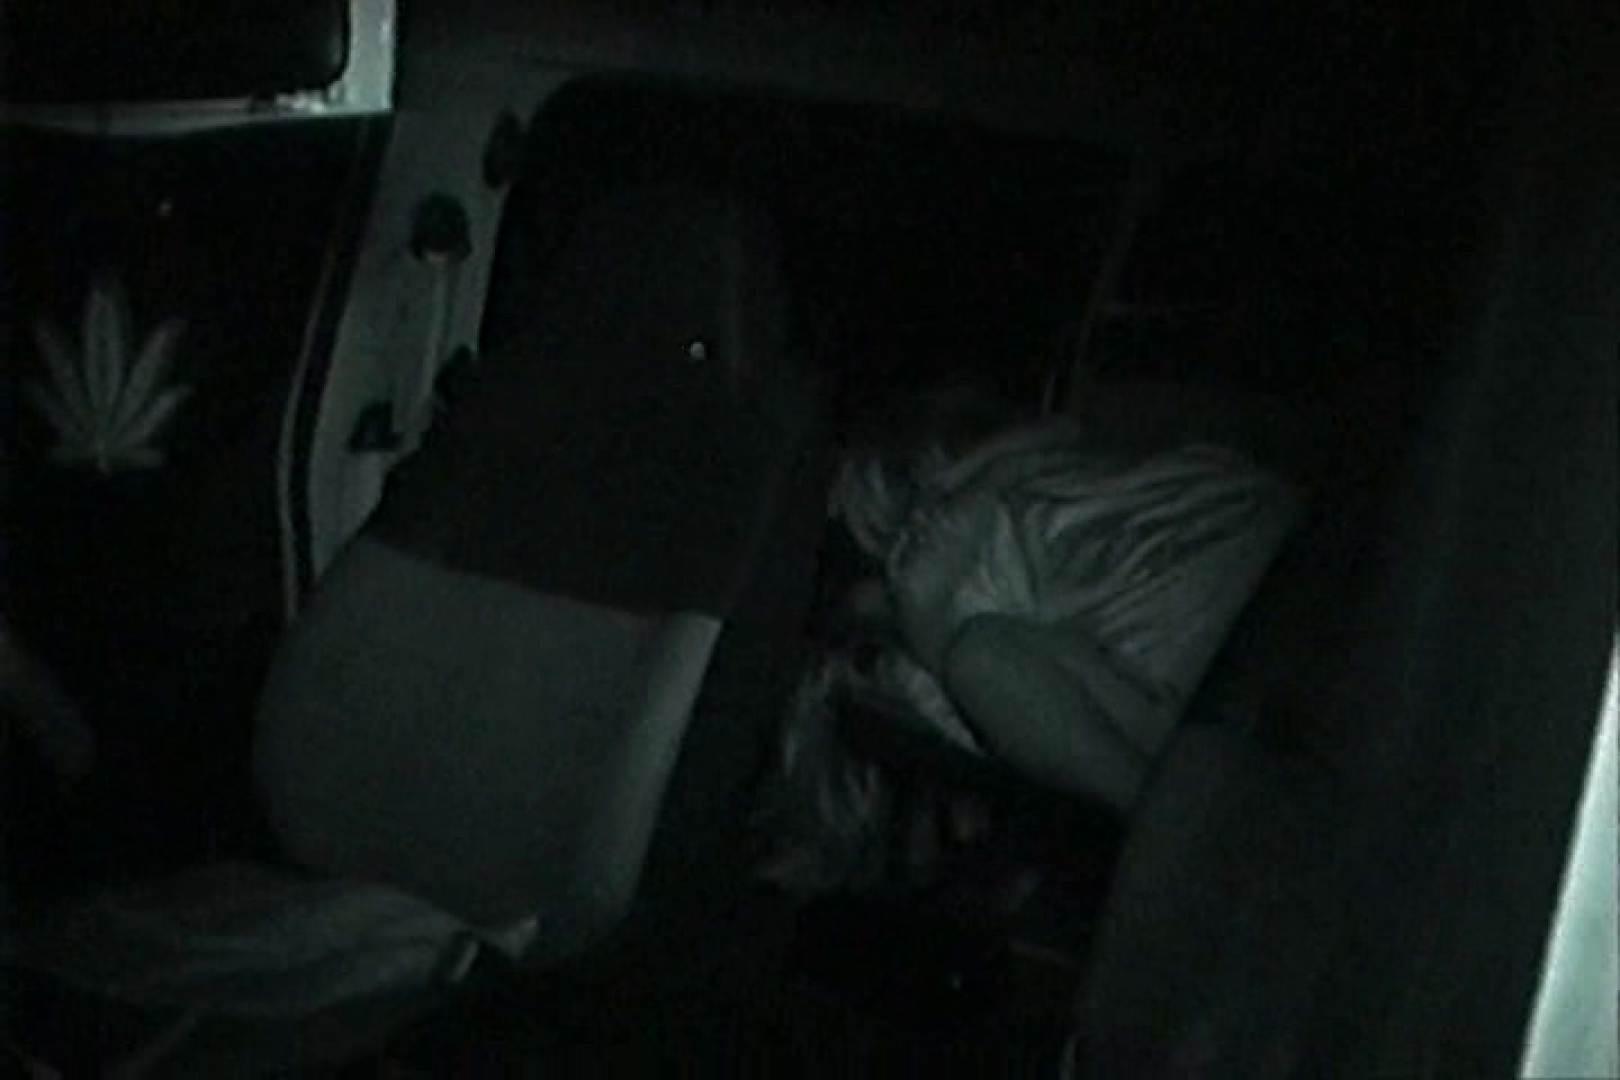 充血監督の深夜の運動会Vol.27 カップルのセックス  63PIX 48